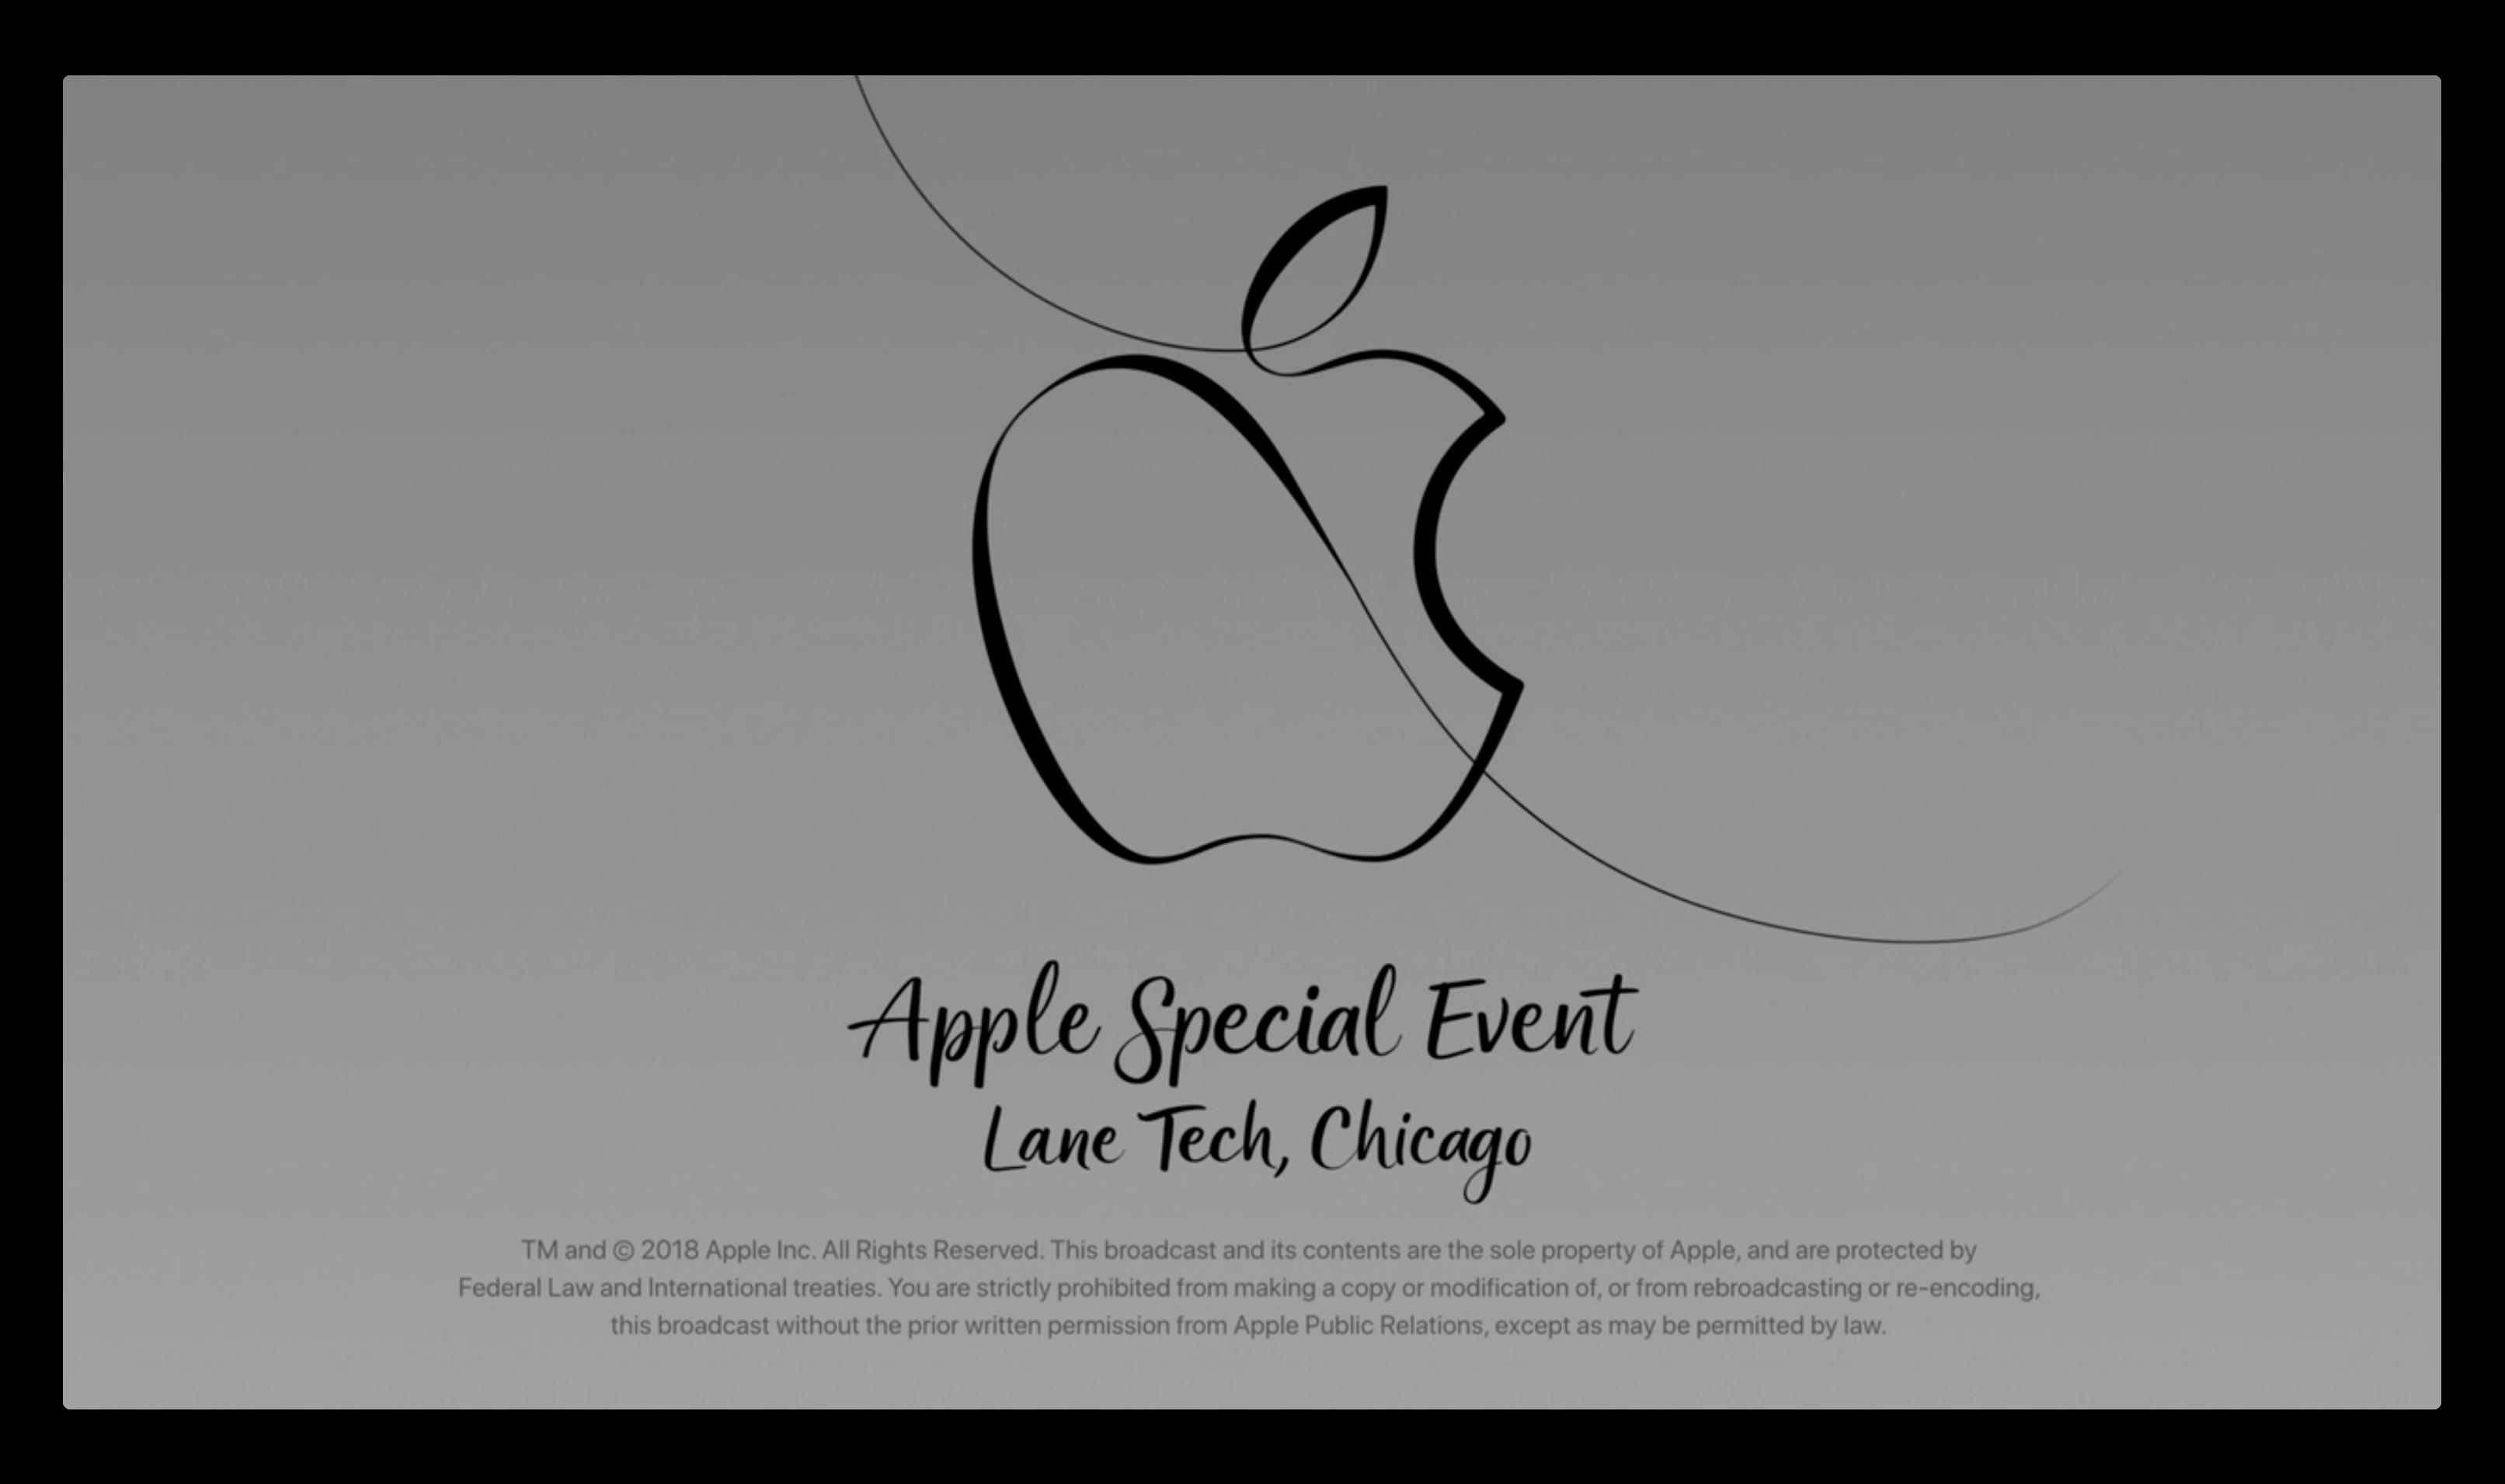 Appleの「Field Trip」シカゴイベントビデオがストリーミングで利用可能に